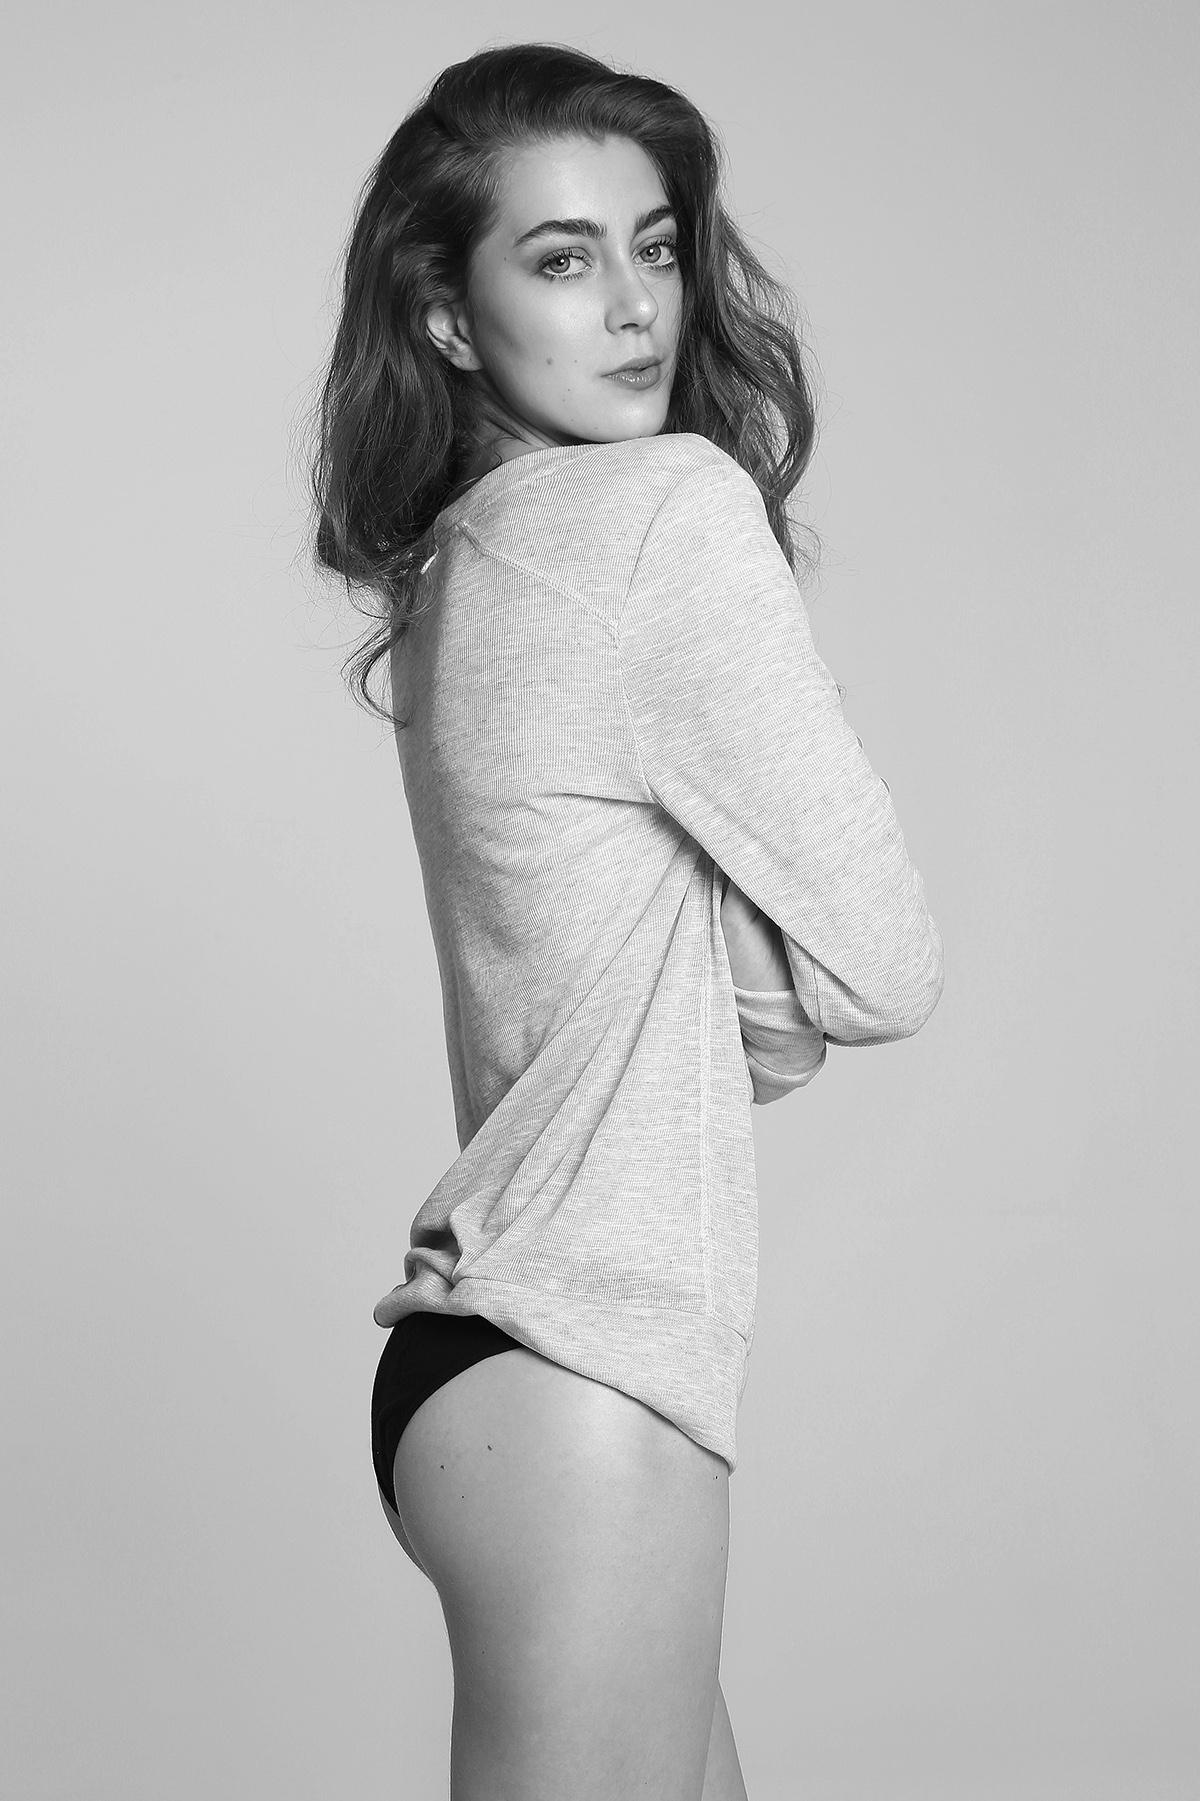 Amanda Pasqualli (way model)